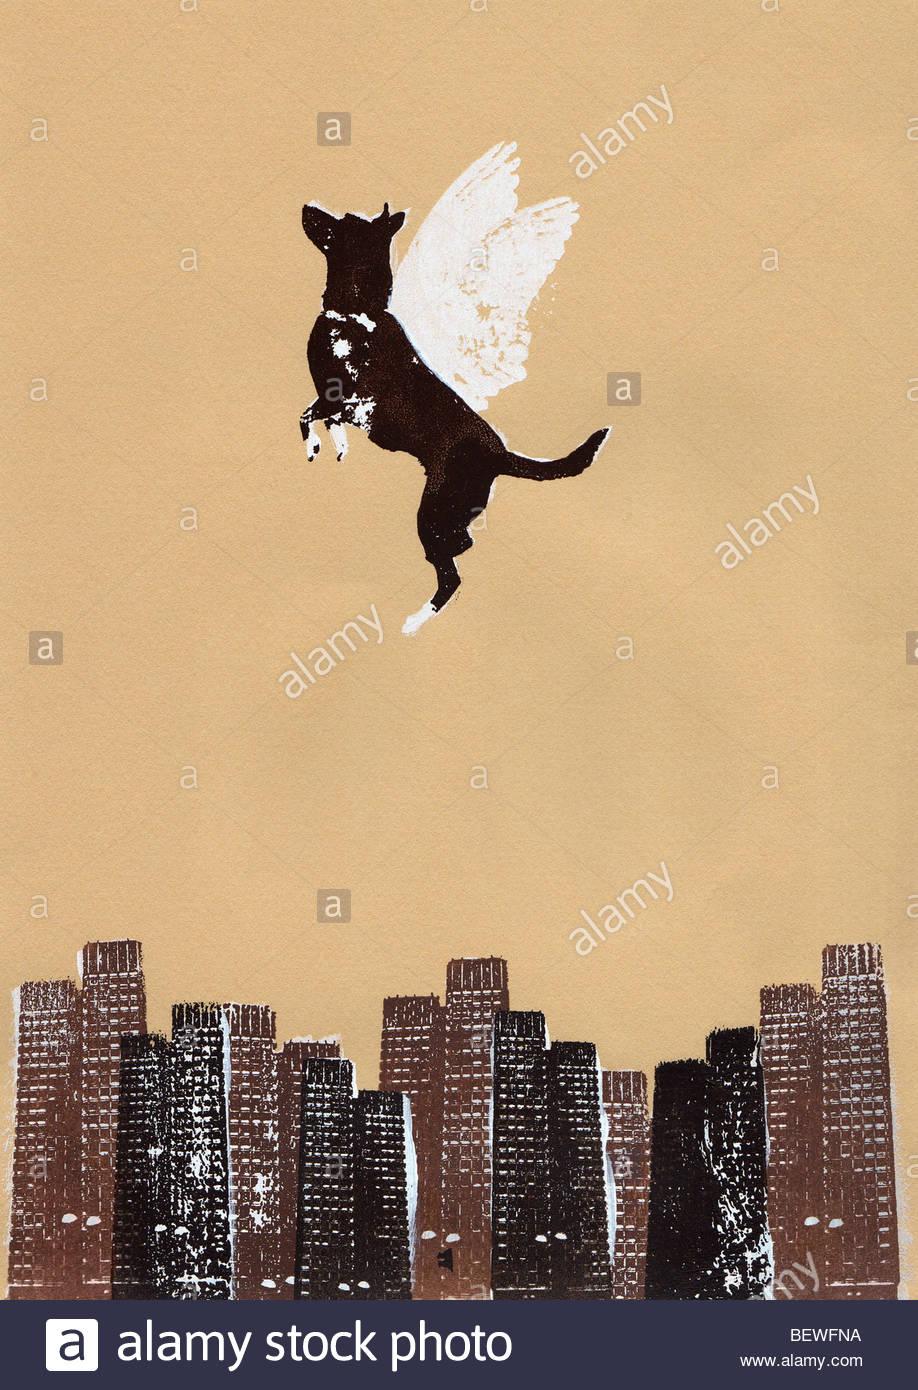 Winged dog flying above city - Stock Image